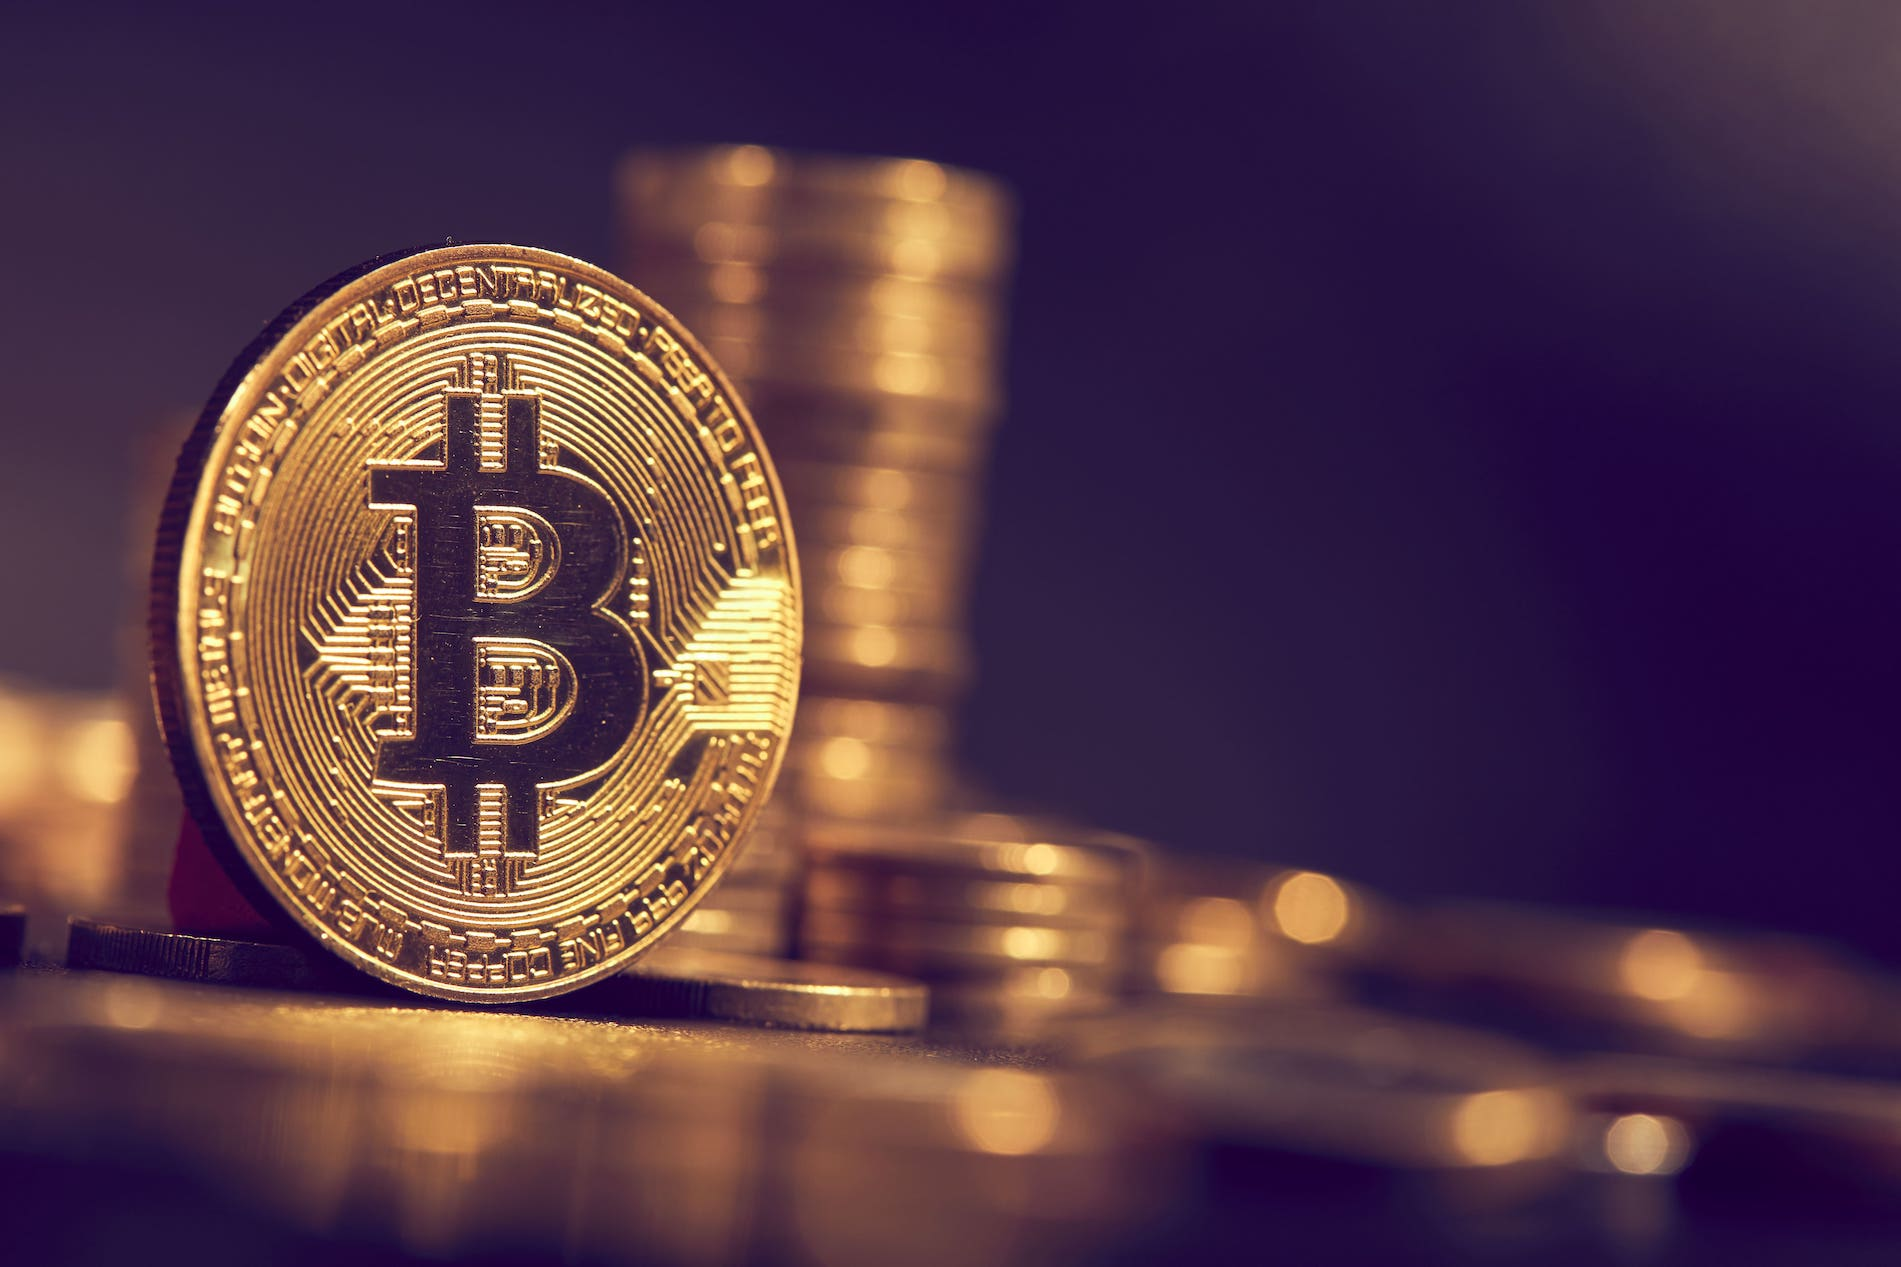 ビットコイン(Bitcoin/BTC)販売所ならCoincheck(コインチェック)